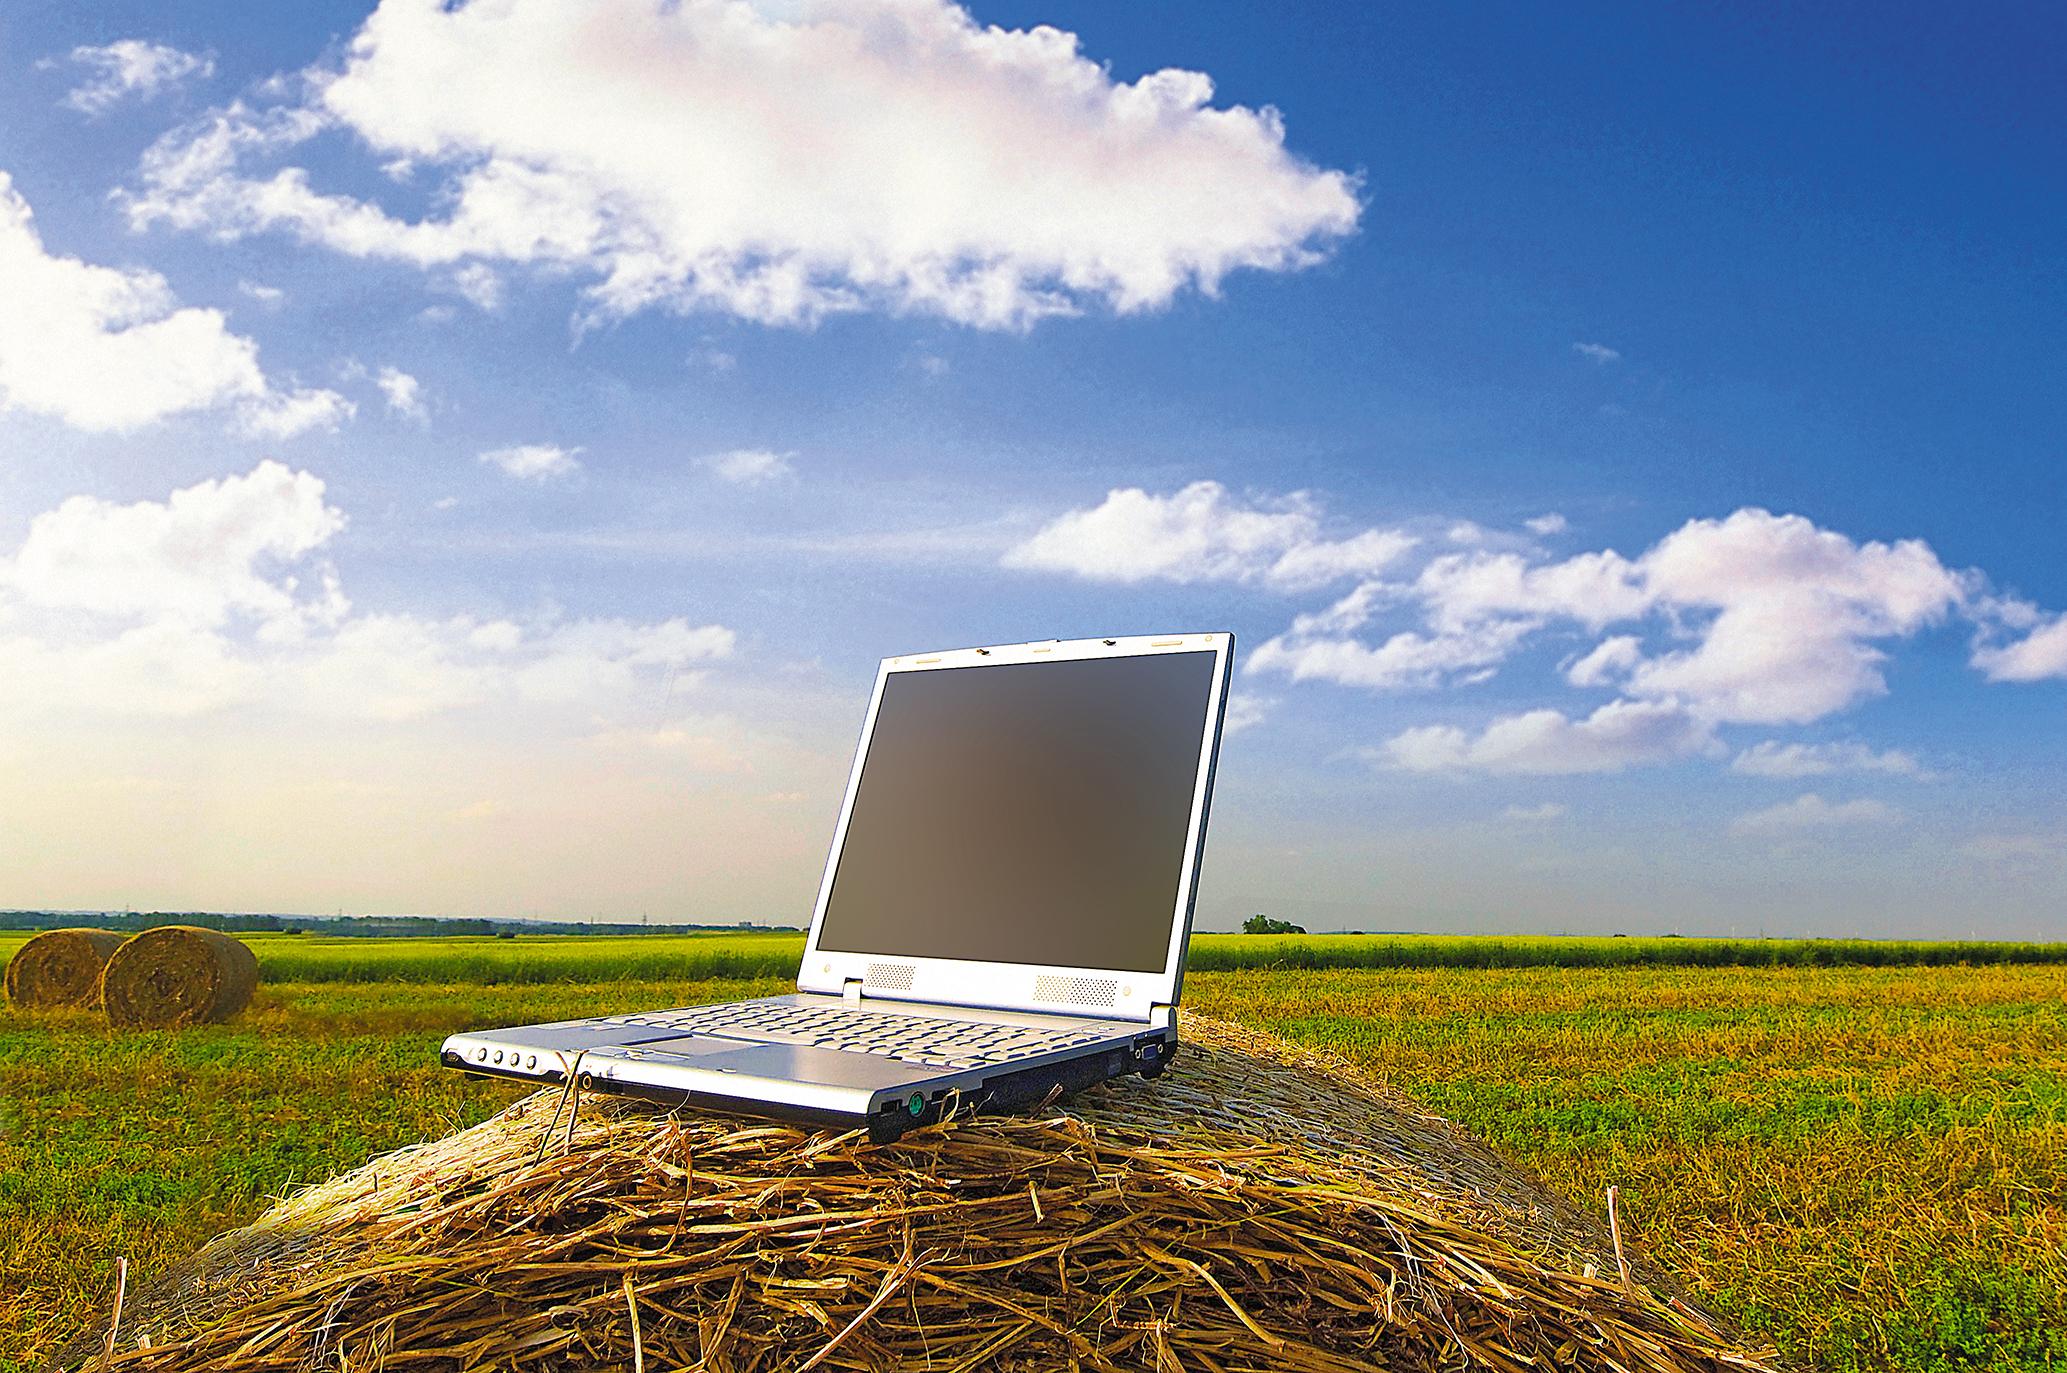 Электронные агрономы: компьютерные технологии